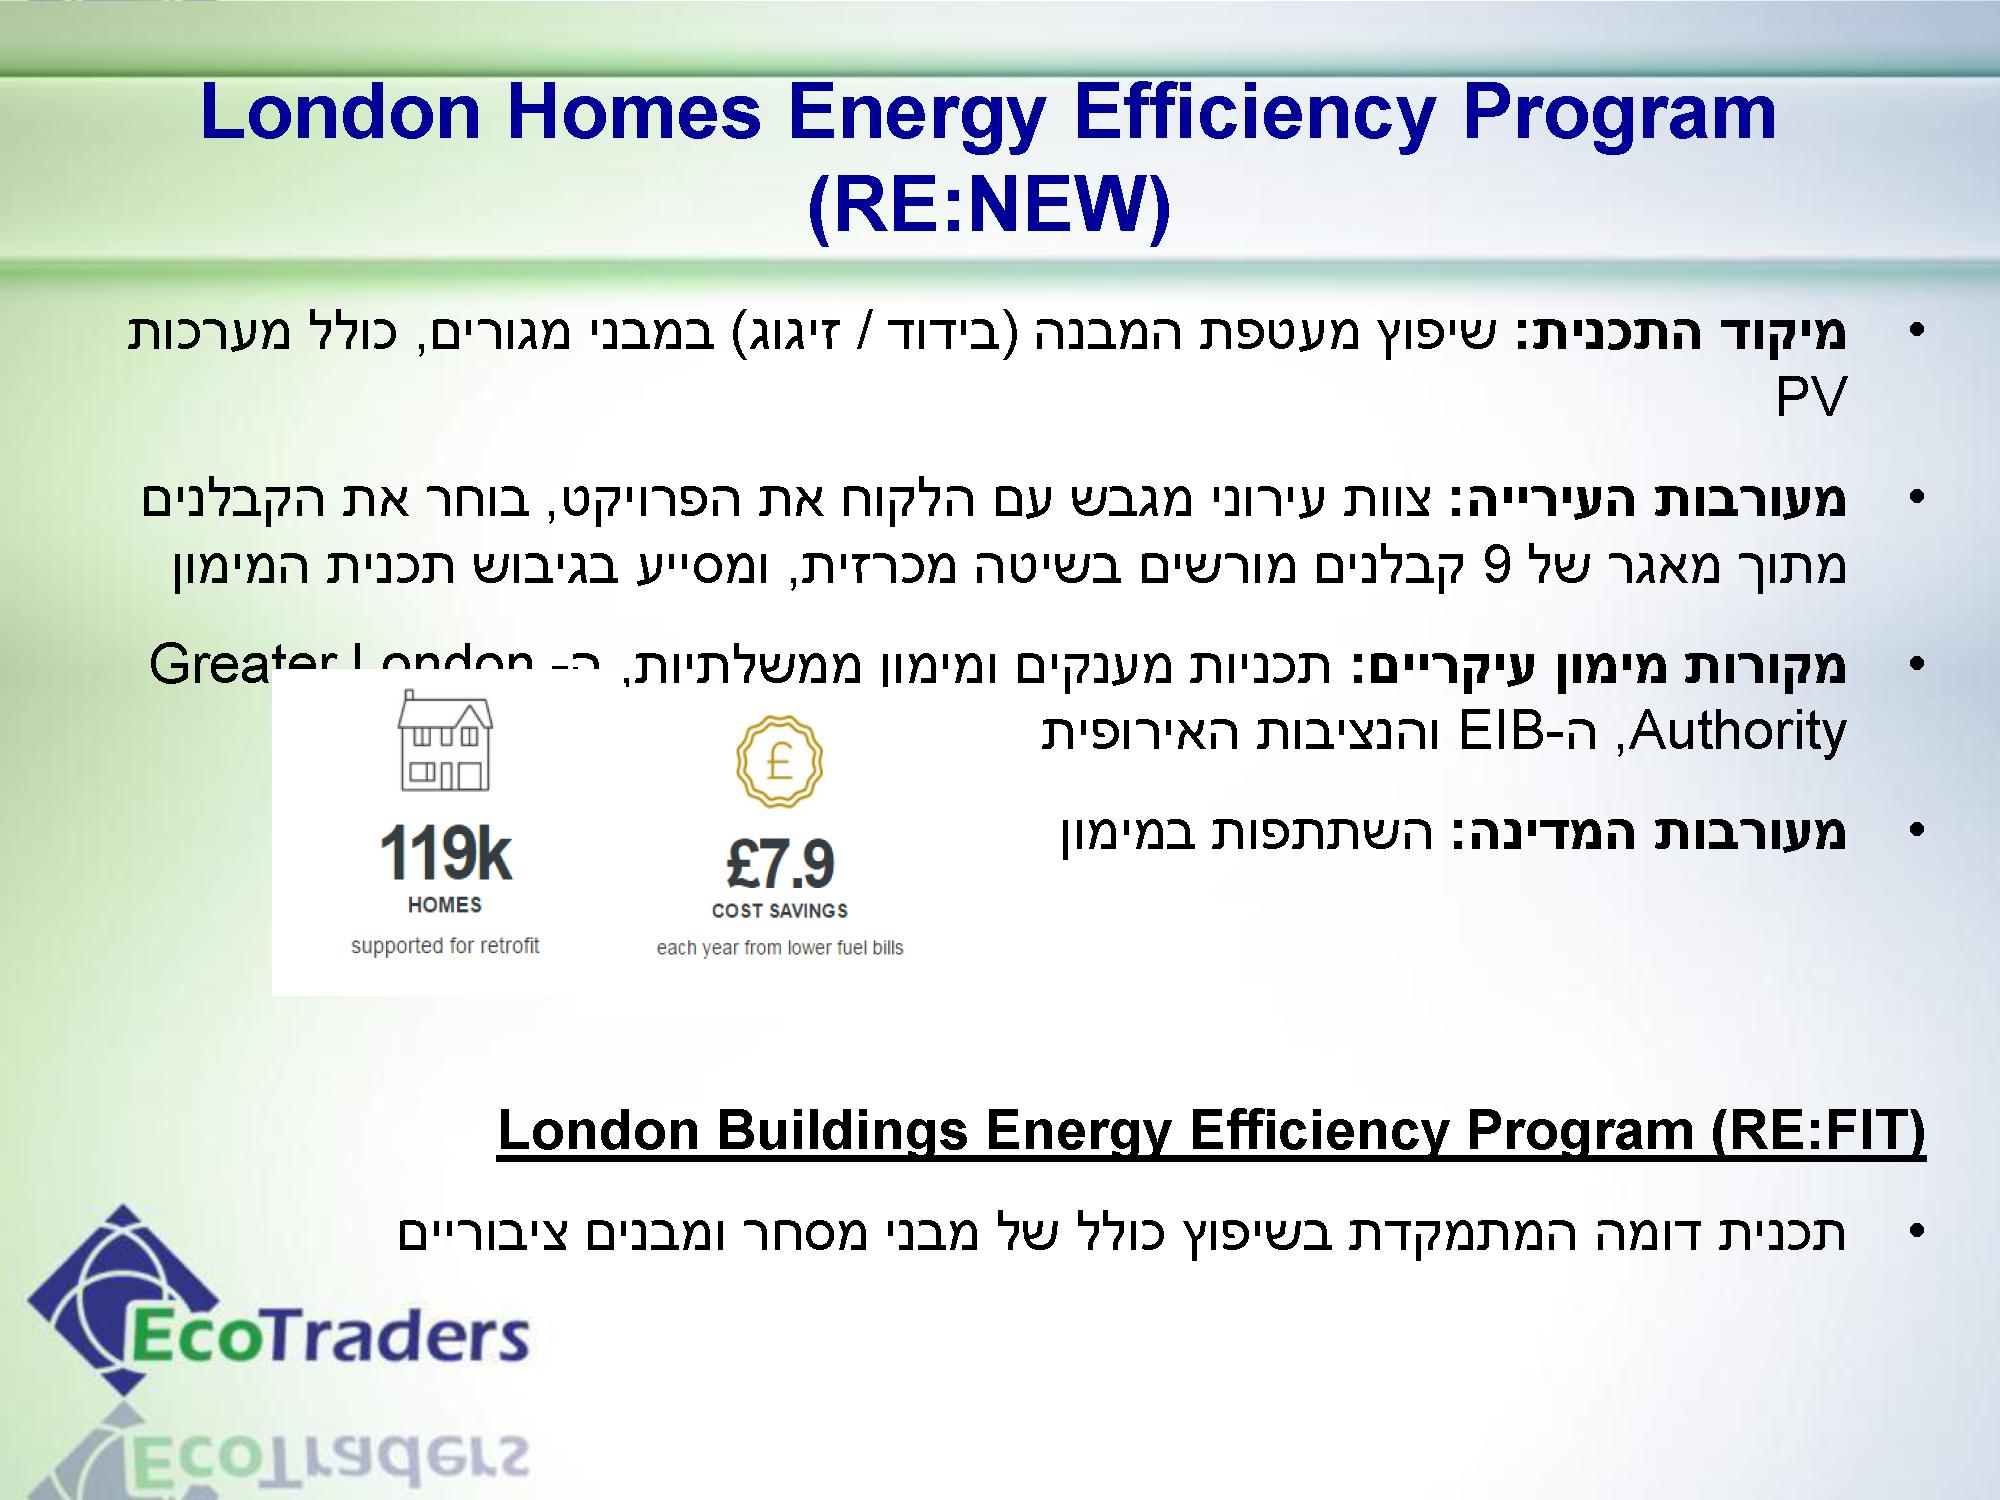 וועידת אנרגיה וכלכלה_מצגת רון קמרה 6